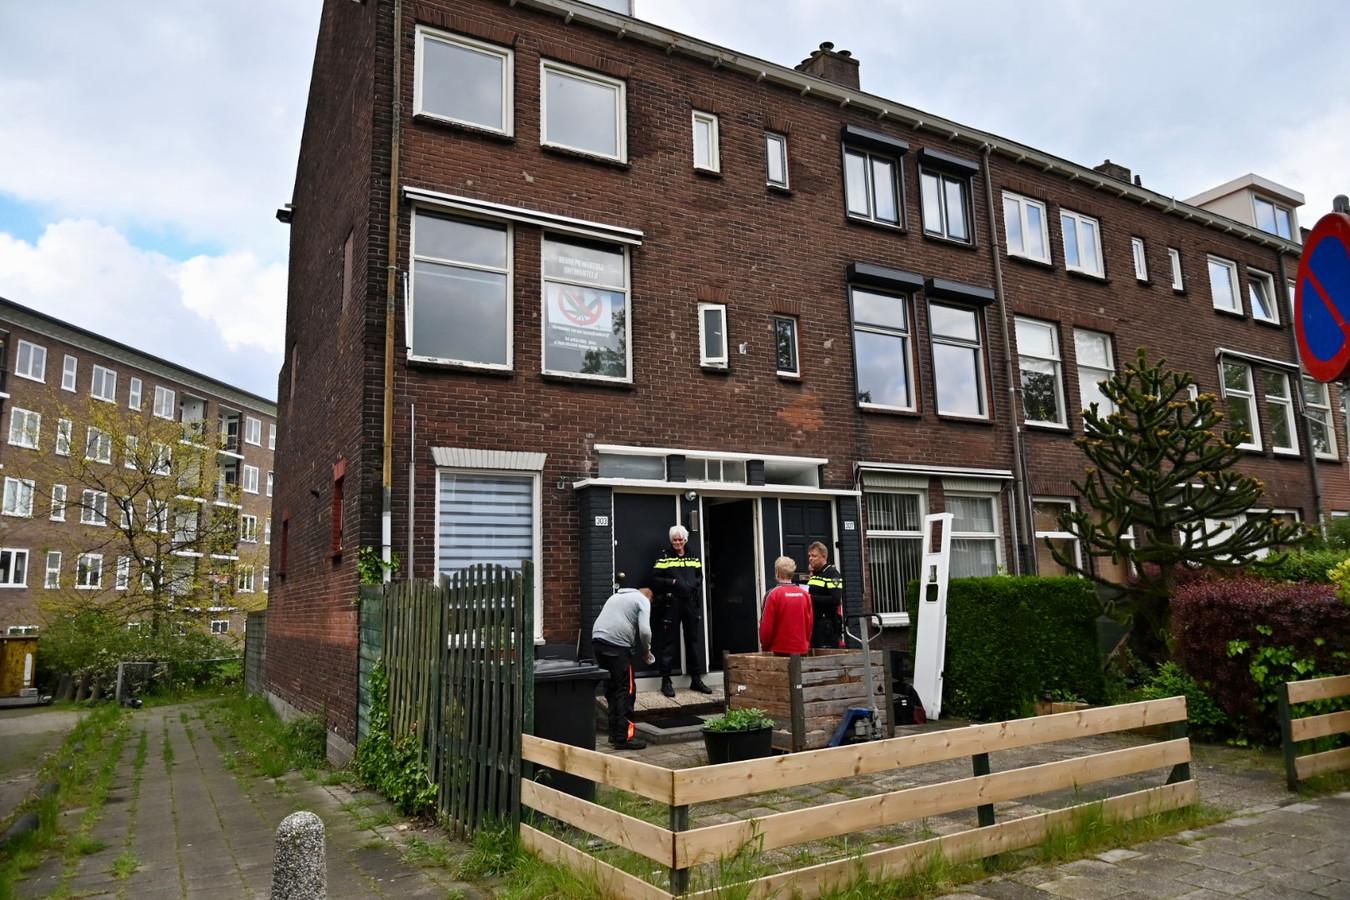 De woning waarin de wietkwekerij werd aangetroffen.